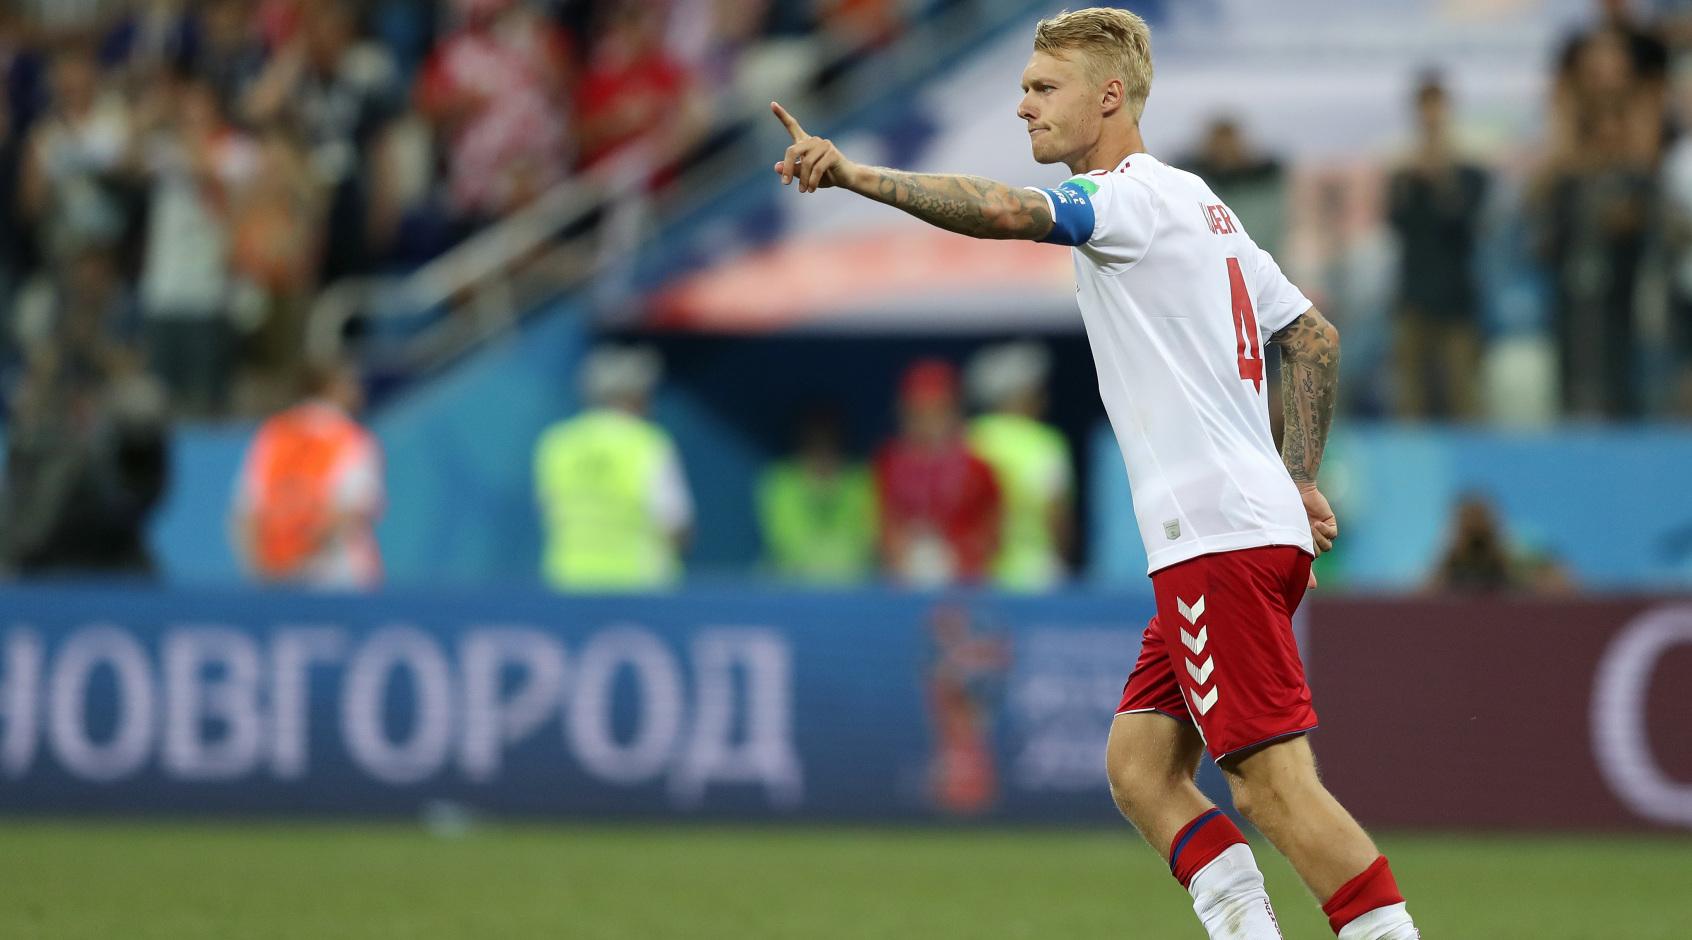 """""""Милан"""" начал переговоры с Симоном Кьером о продлении контракта"""